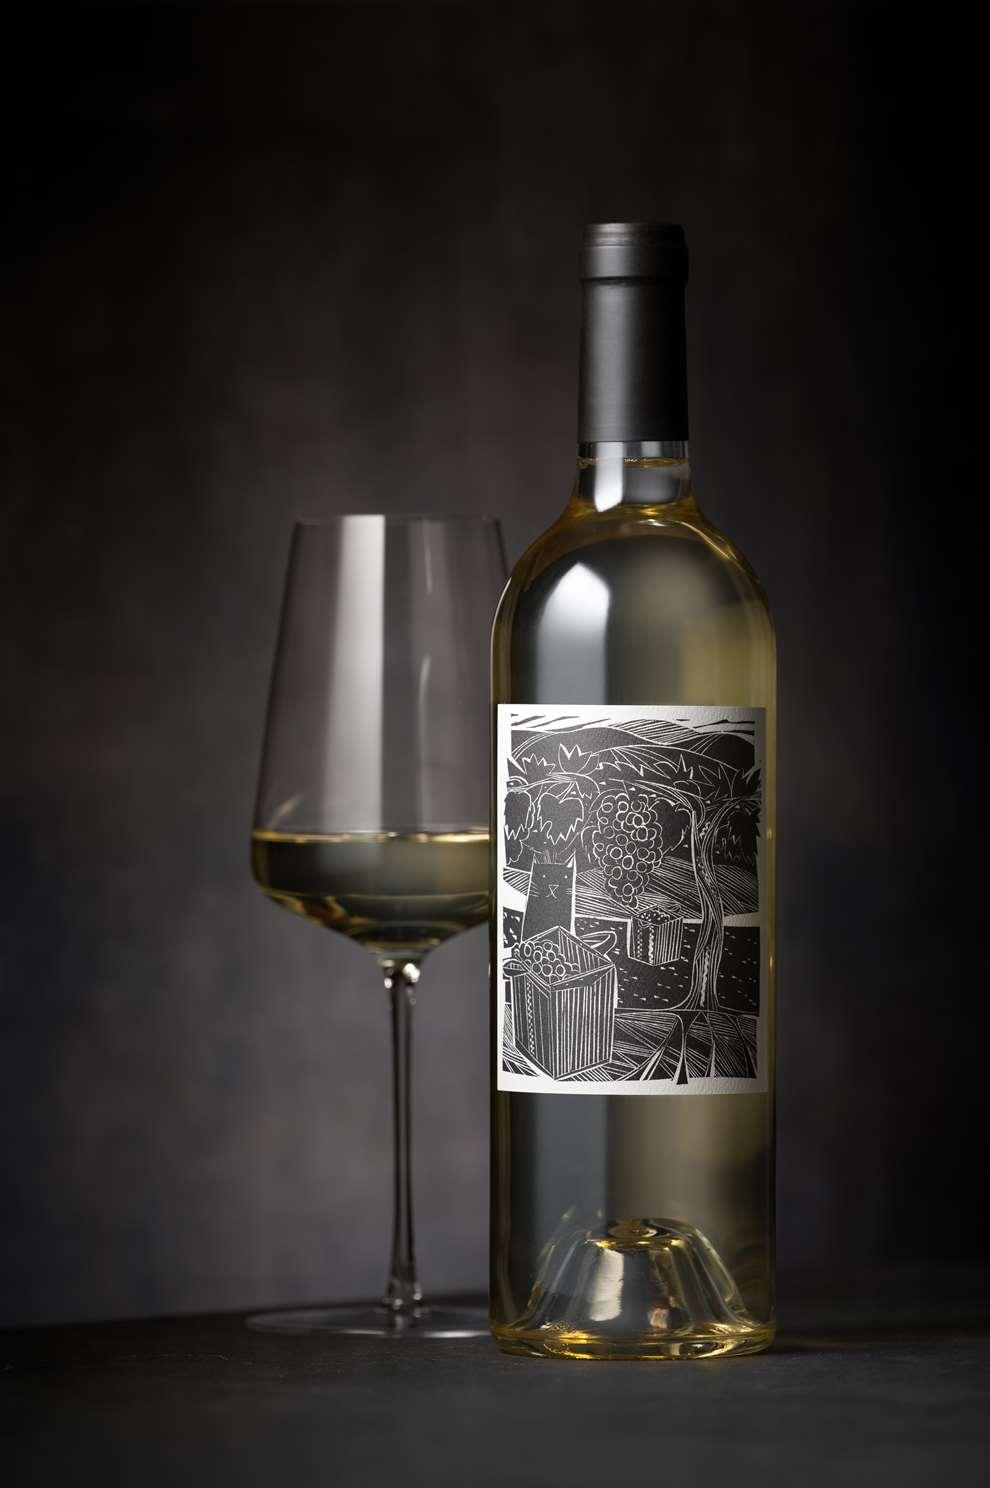 Jonathan Gibbs, Jonny Gibbs Linocut Wine Label for Fluent Wines